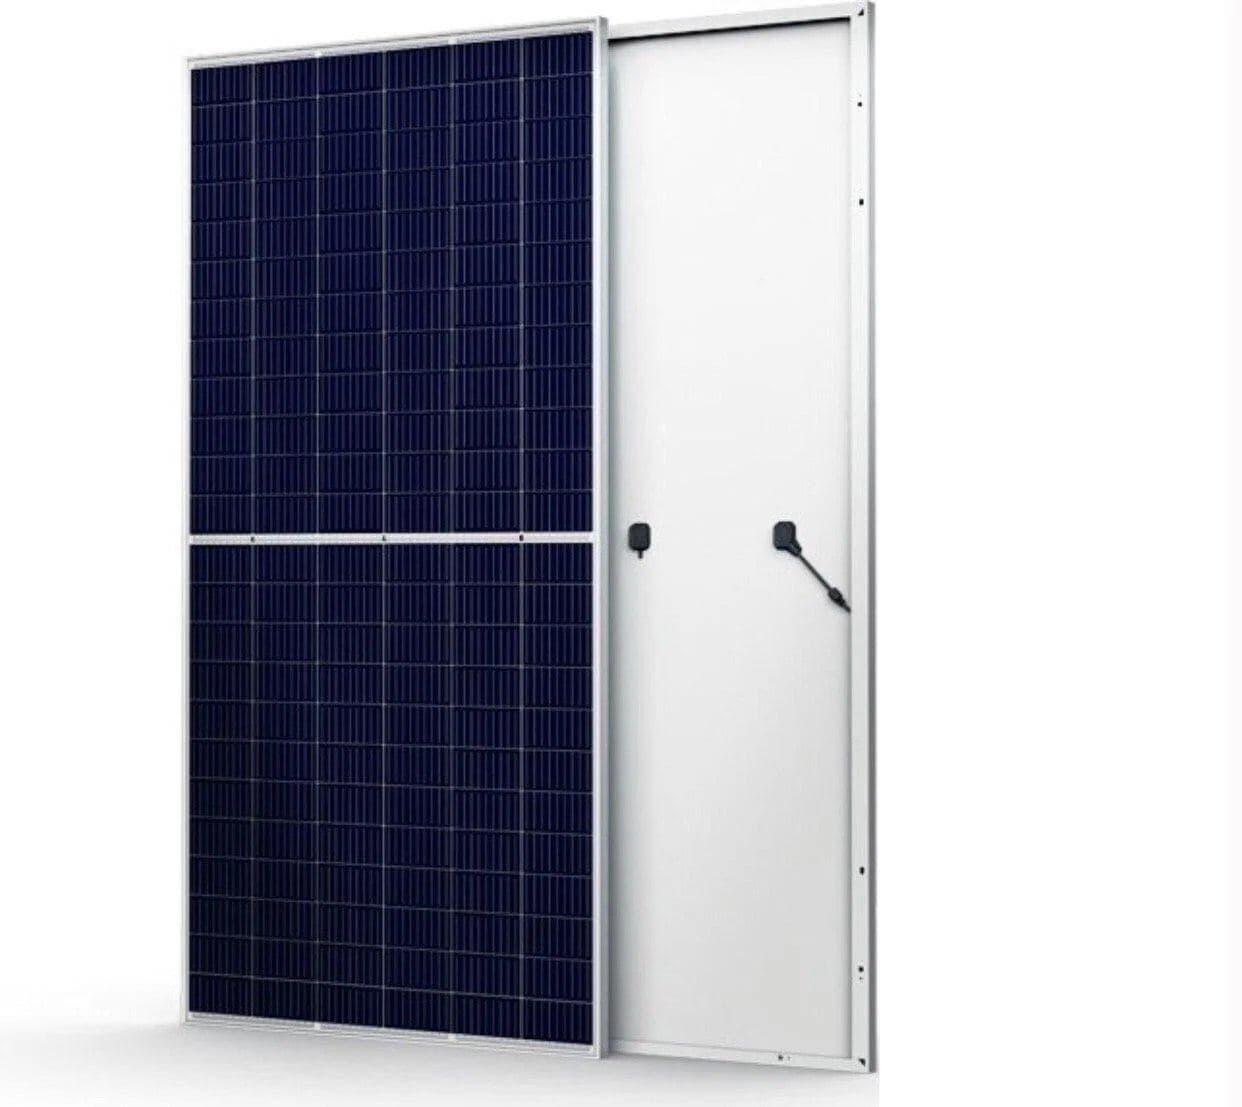 Солнечная батарея SunTech 340 Вт 24 В Поликристаллическая STP 340-24/Vfh Half-cell